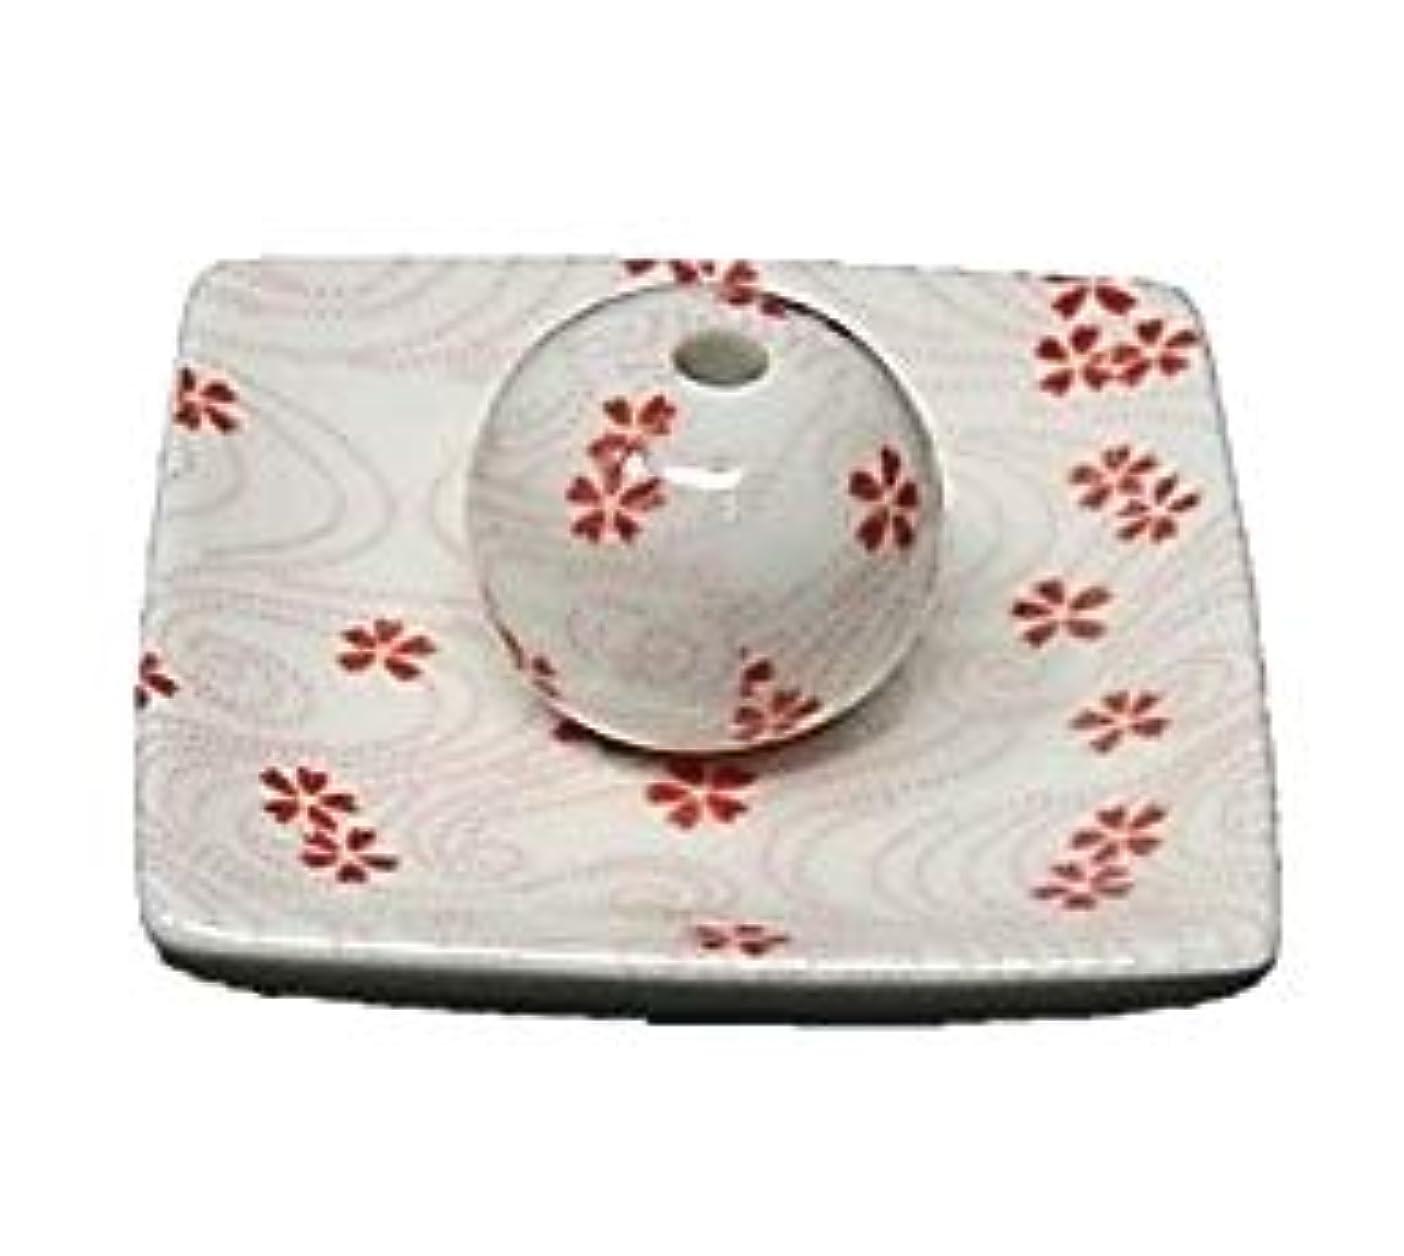 パス花輪ハント桜渦 小角皿 お香立て 陶器 お香たて 製造直売 桜 さくら ACSWEBSHOPオリジナル